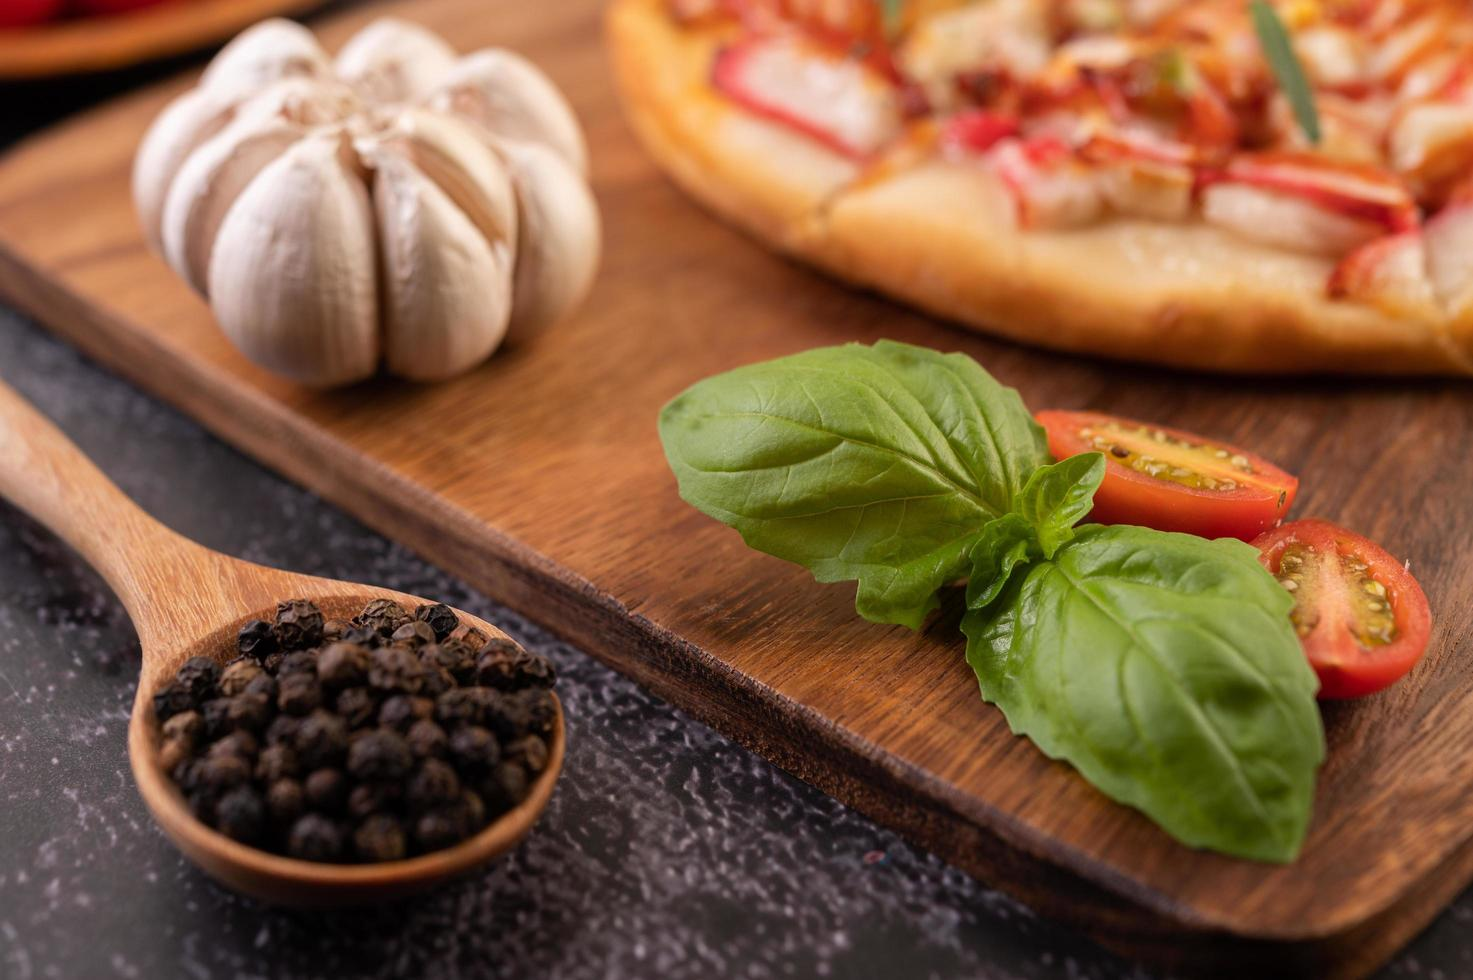 primer plano, de, pimiento, semillas, y, pizza foto